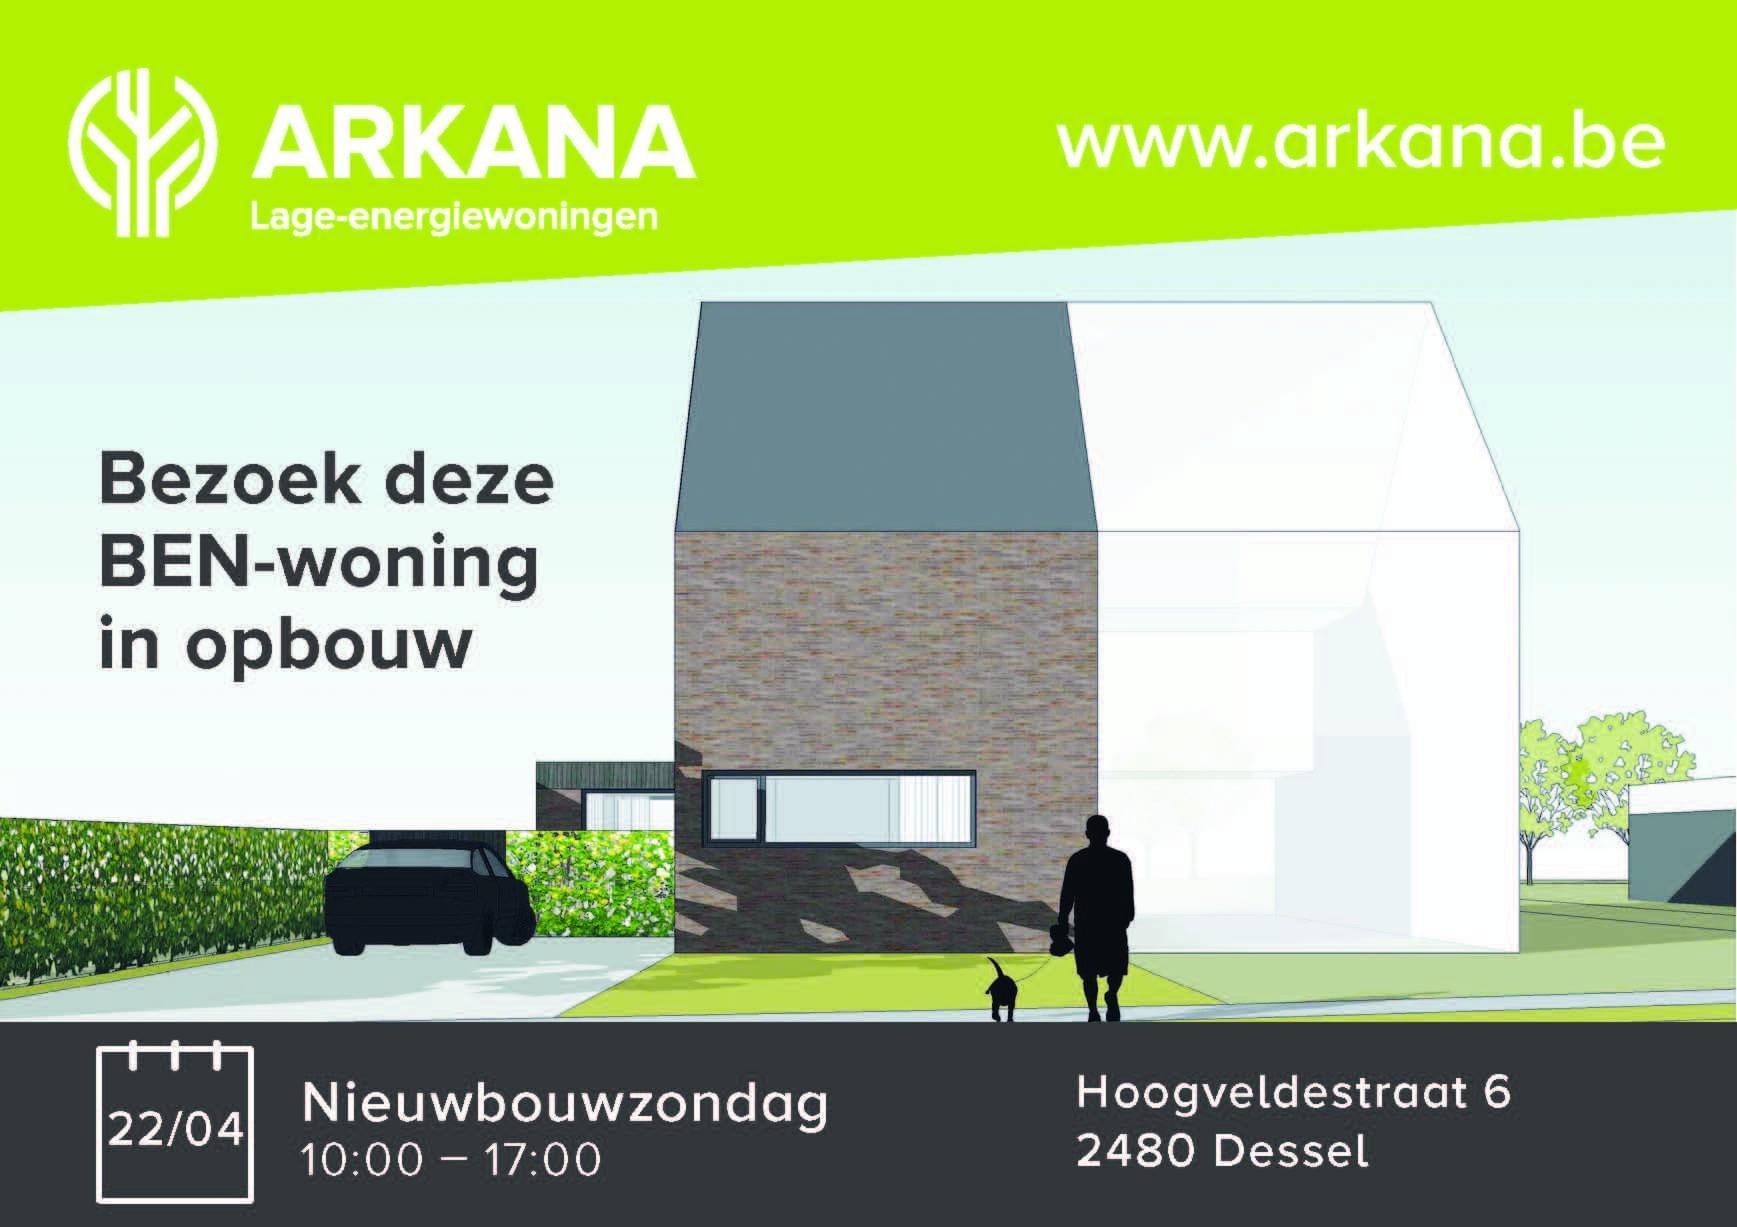 25267-2018-03-22-nieuwbouwzondag_arkana_dezondag